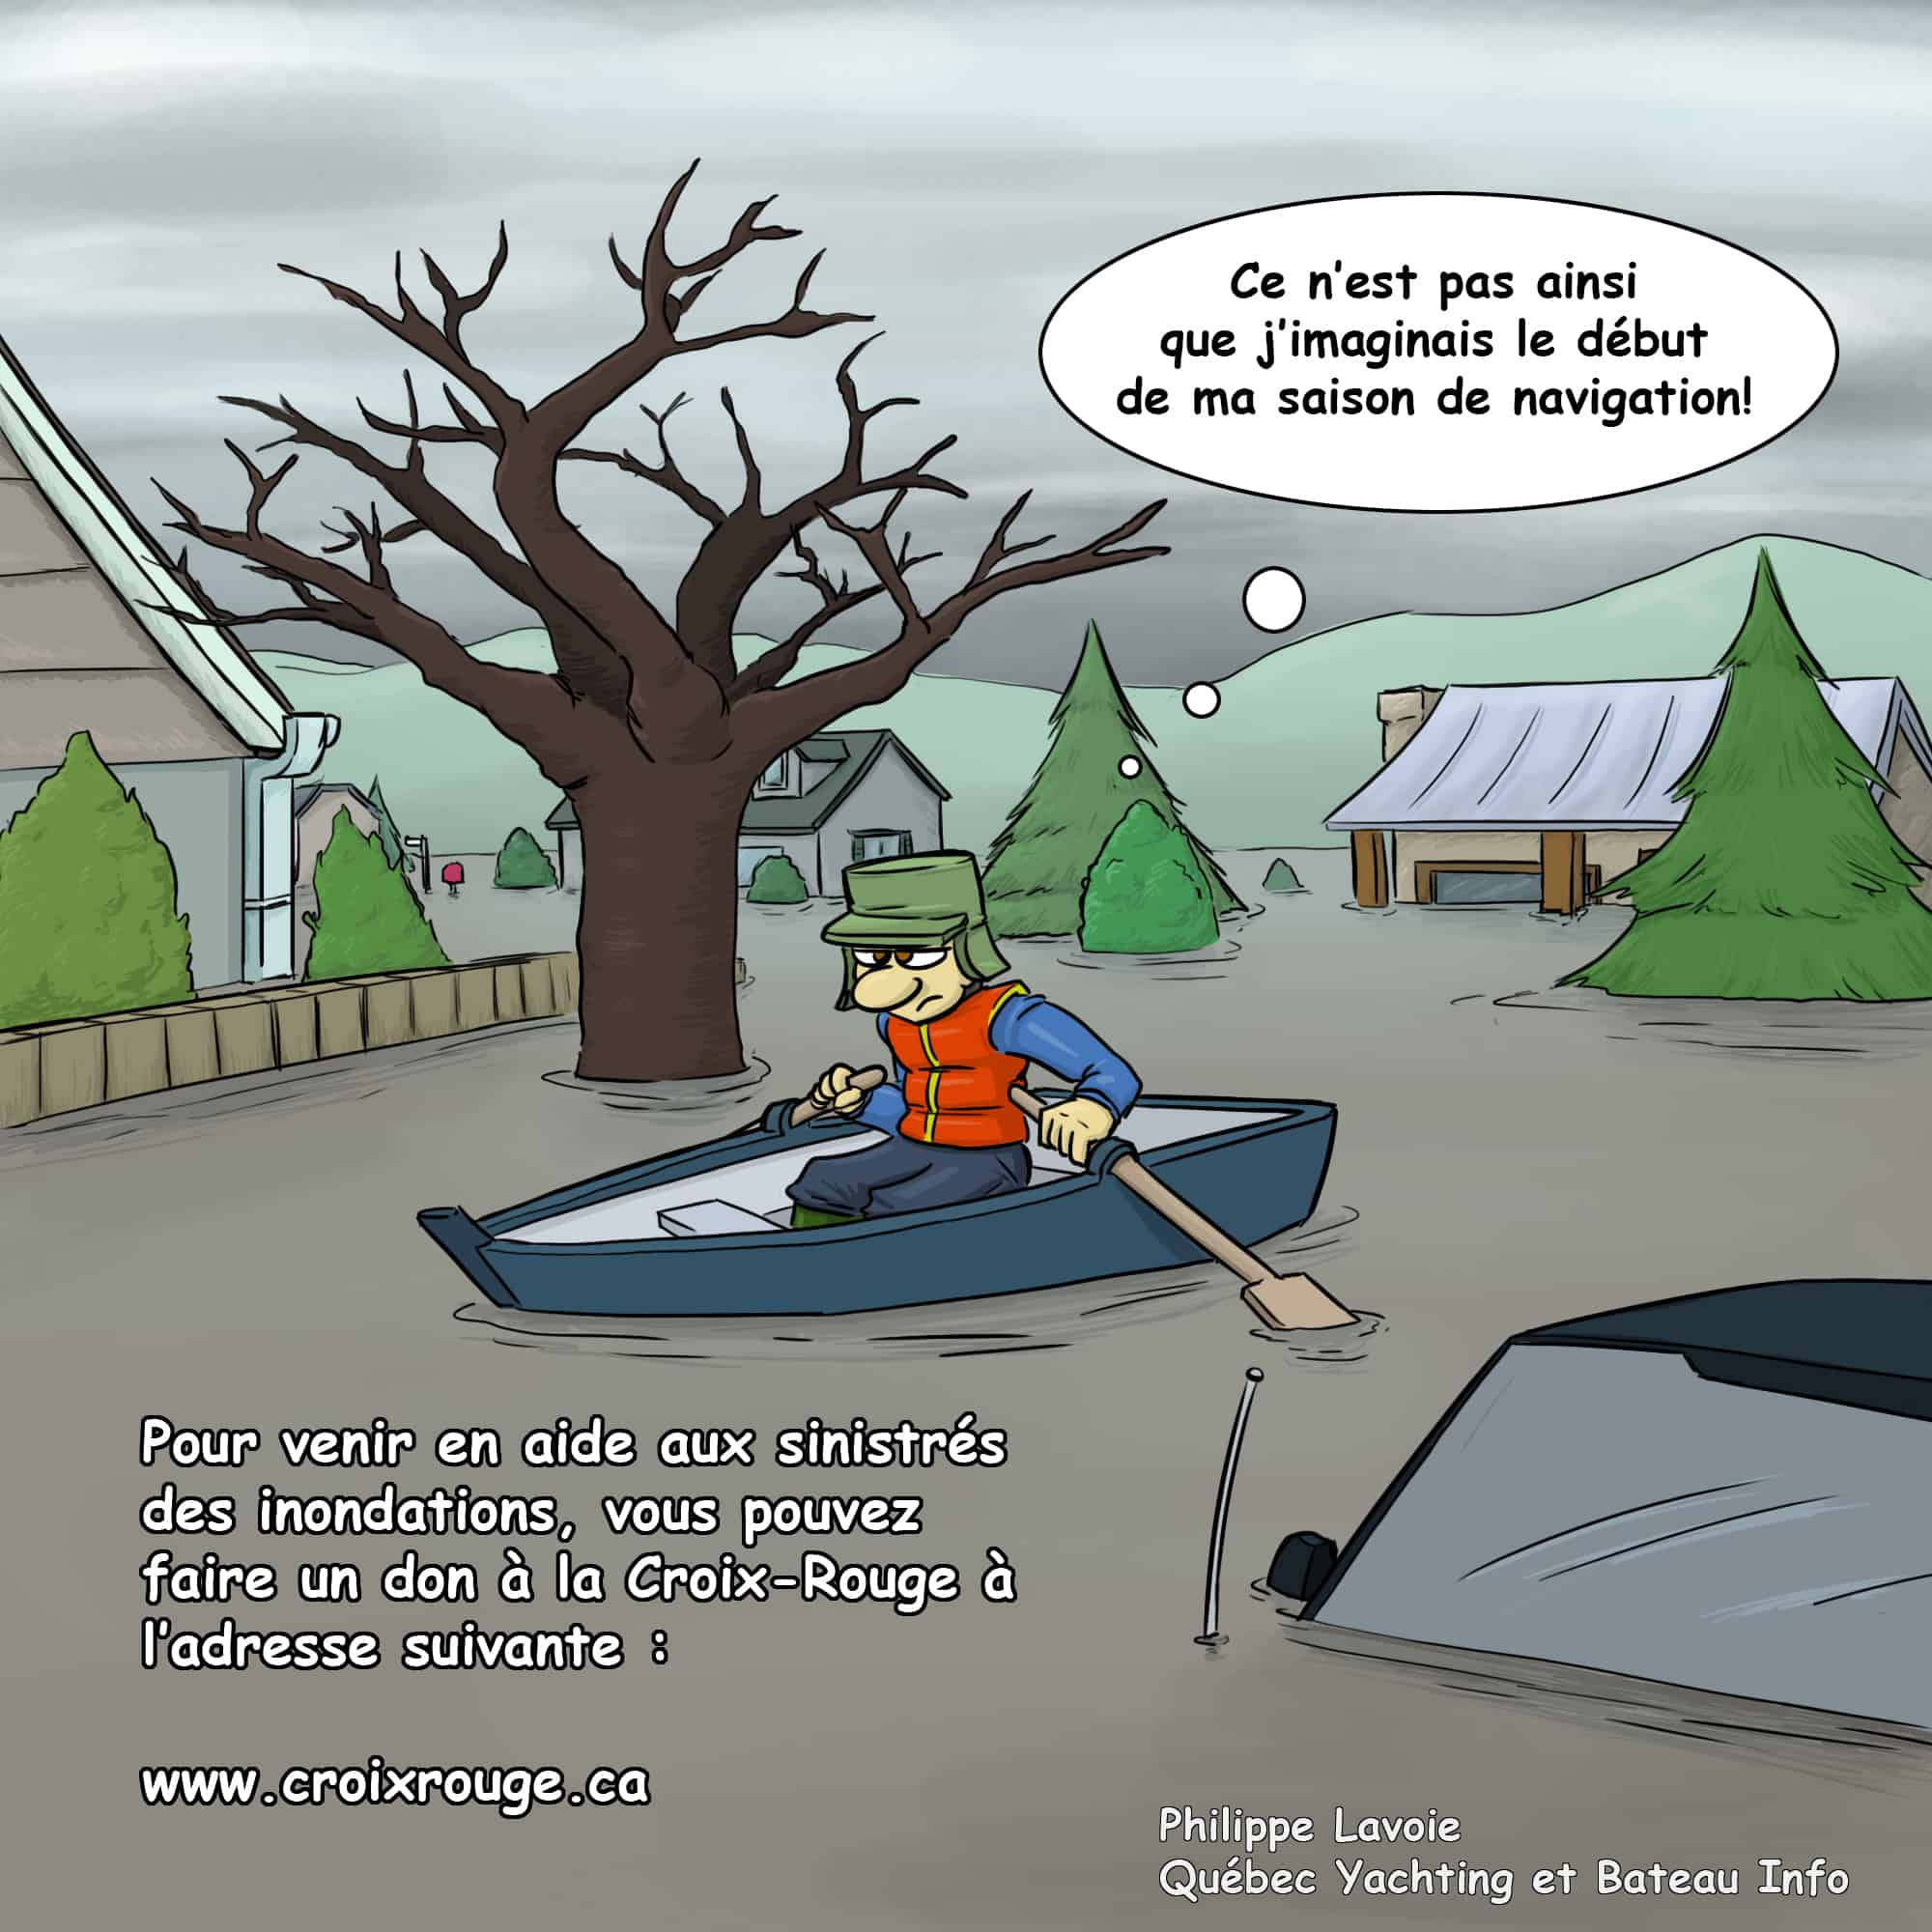 Inondations au quebec - Philippe Lavoie - BI Mai 2017